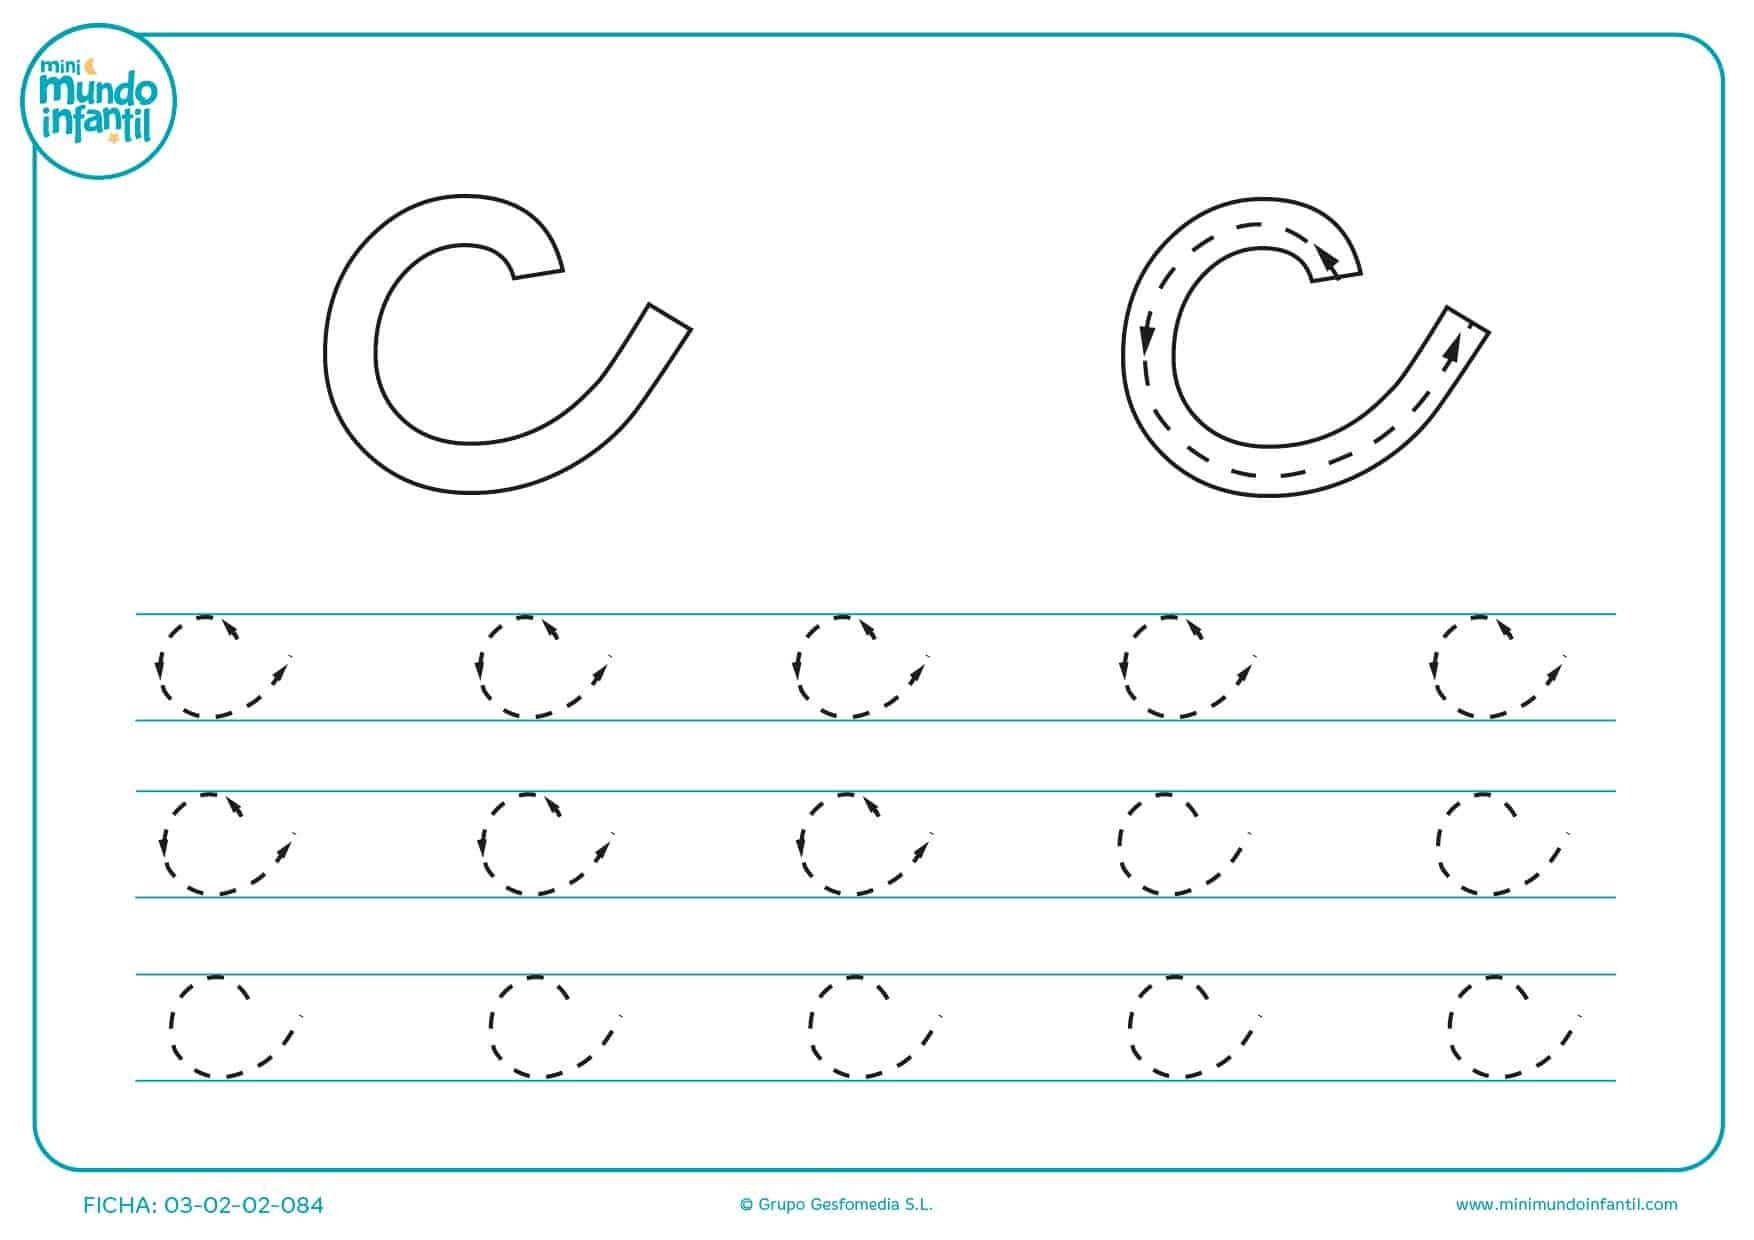 Estudiar la letra c en minúsculas siguiendo el trazo